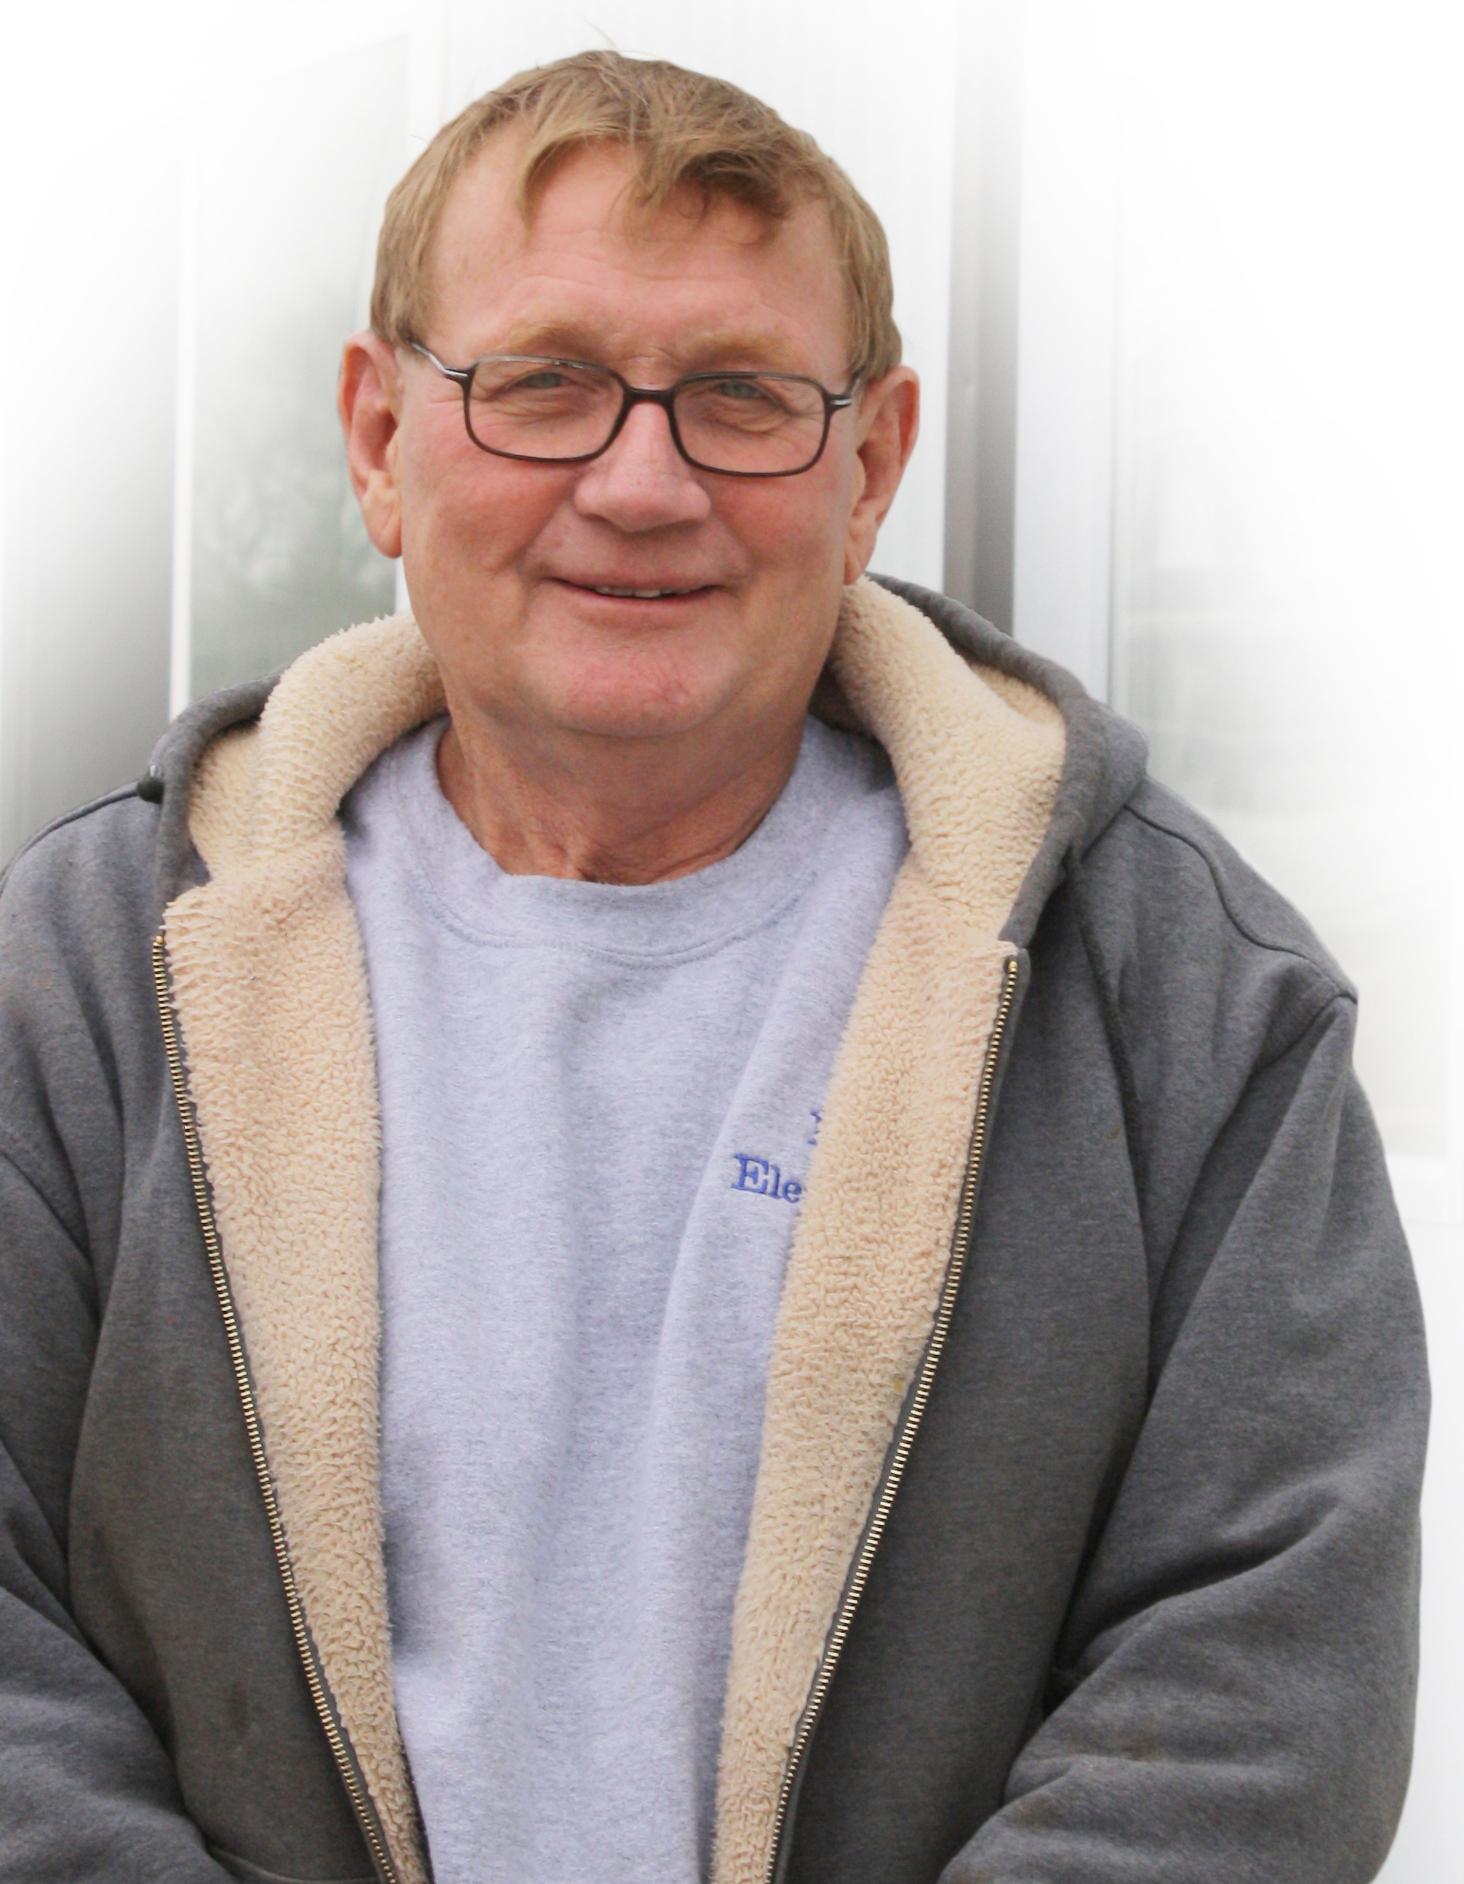 Mayor Dick Brink